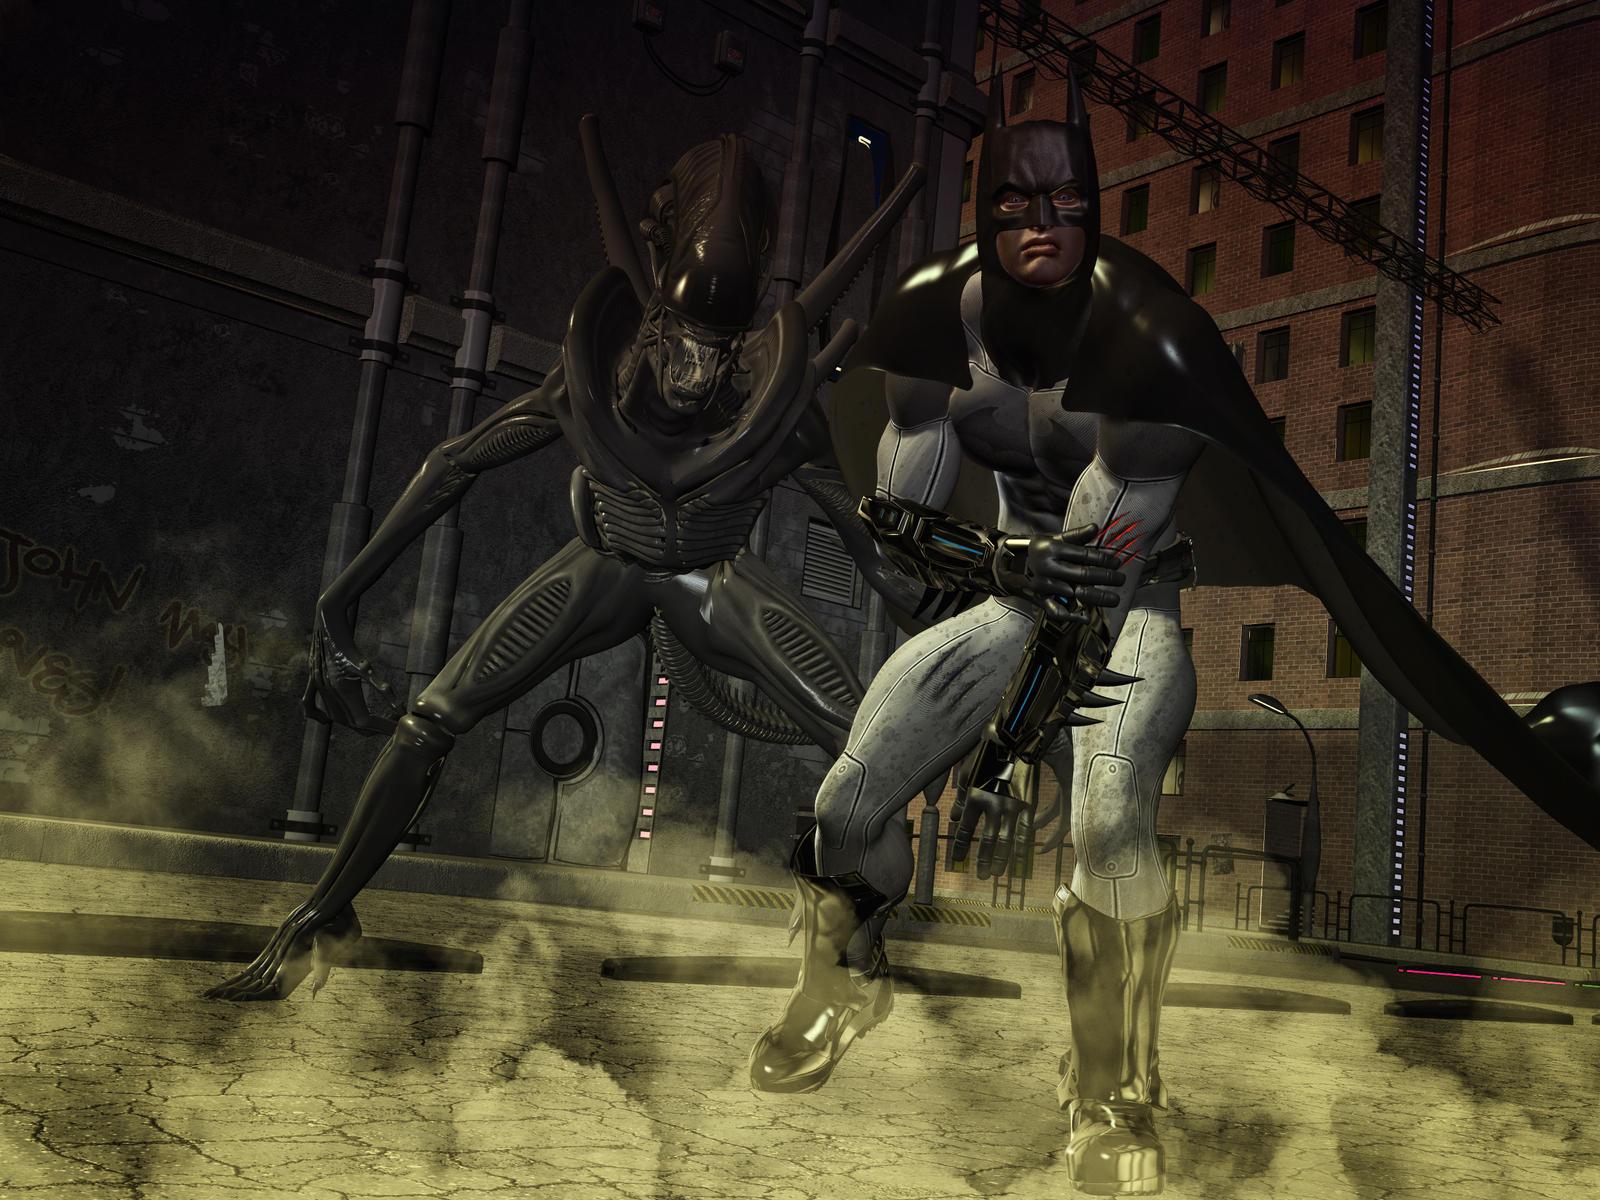 batman vs alien by - photo #4